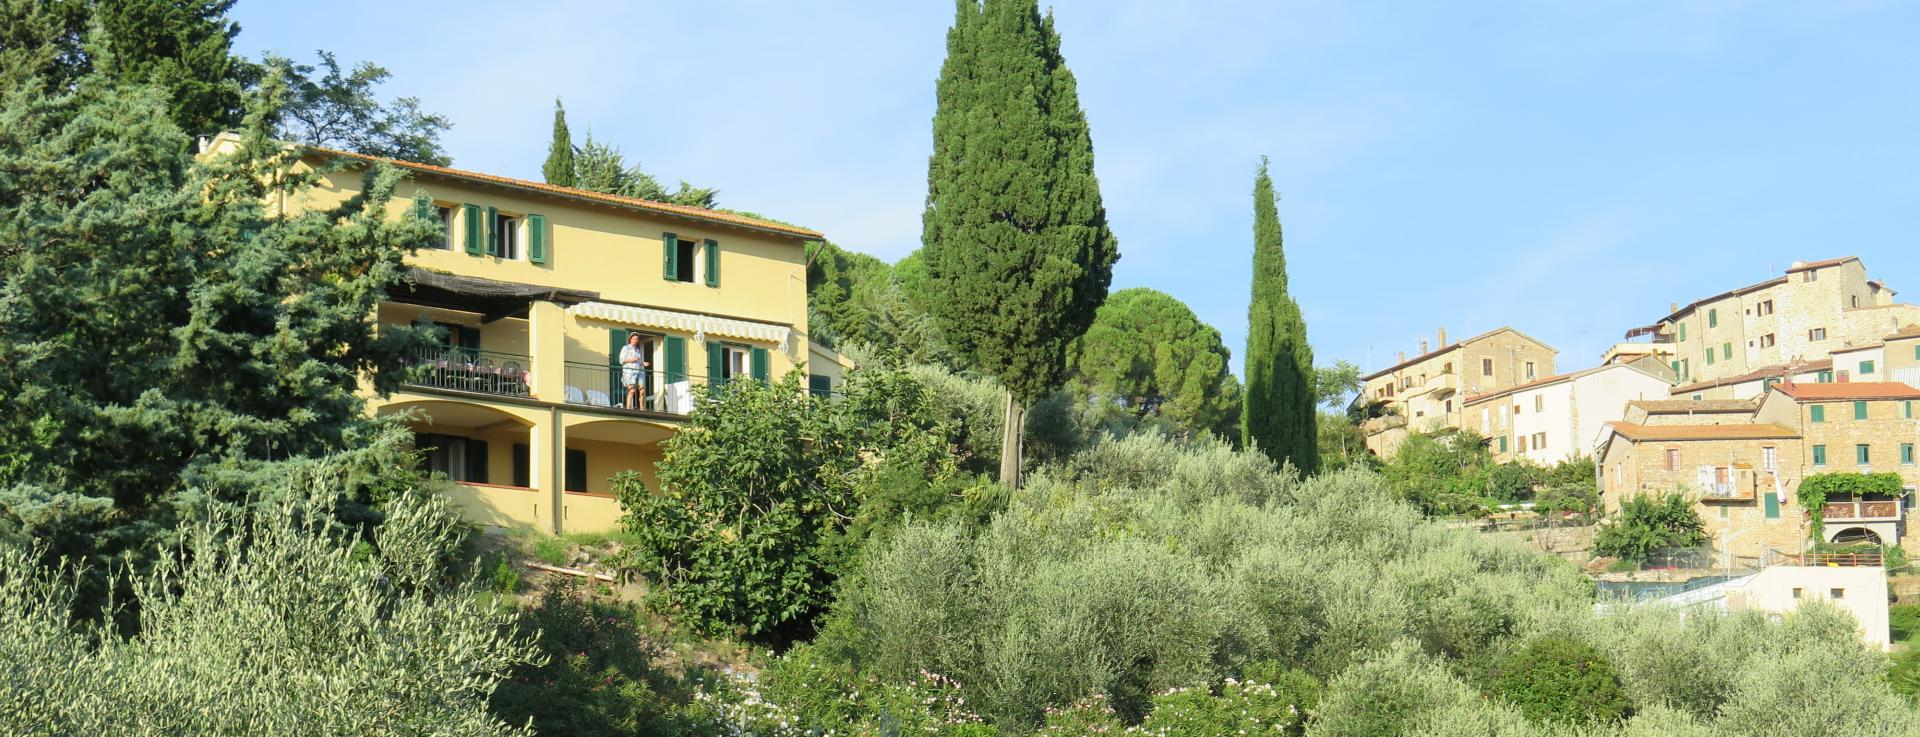 Location , Cancello Rosso, Tuscany, Italy